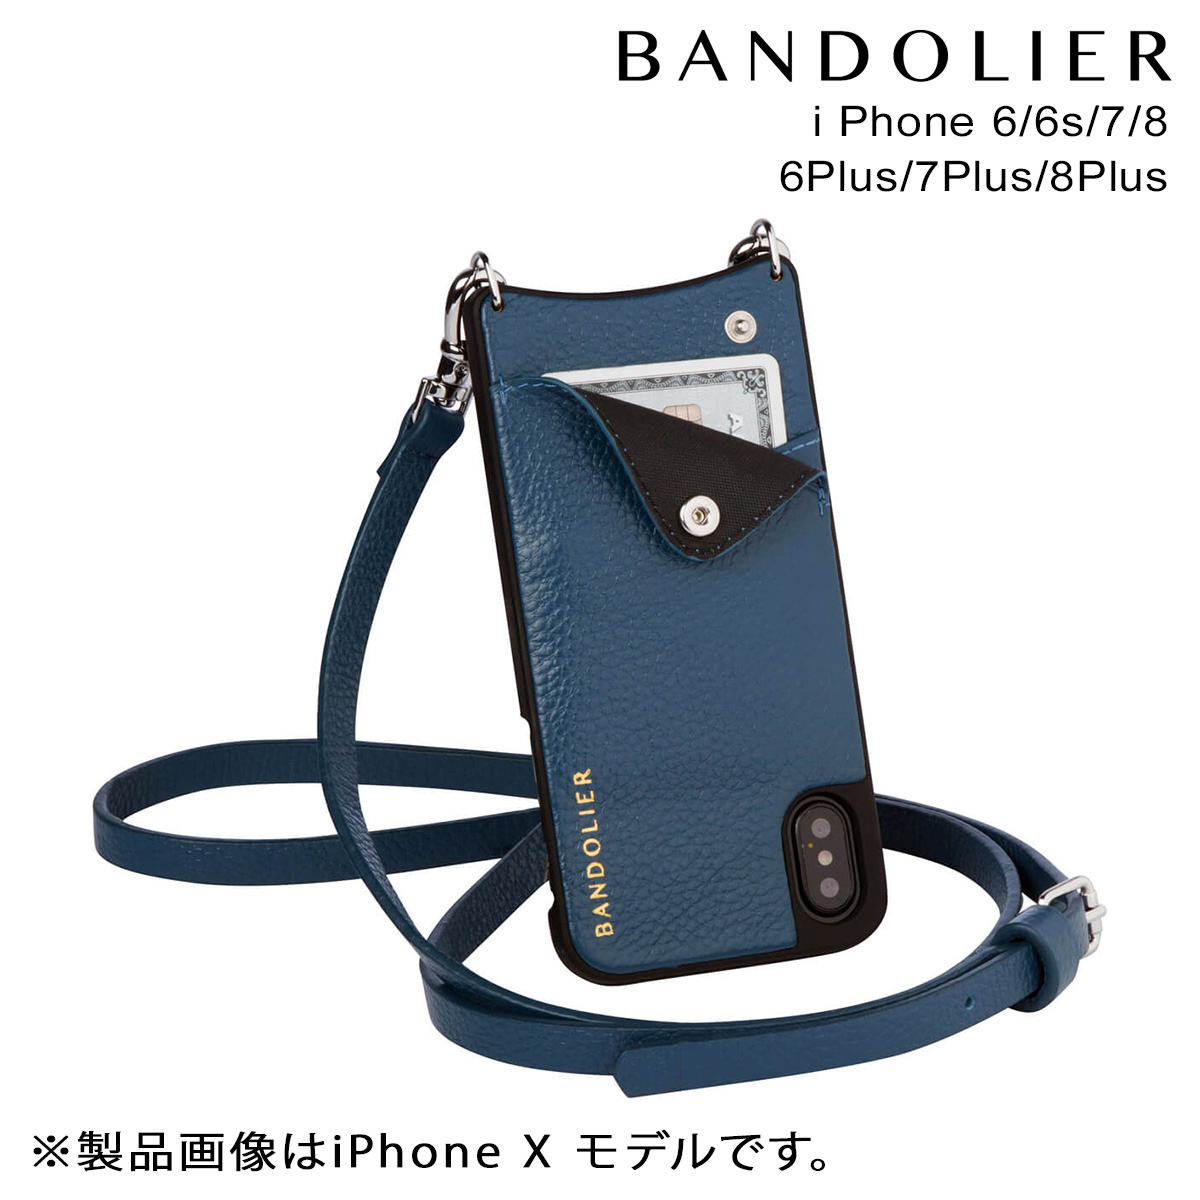 BANDOLIER バンドリヤー iPhone8 iPhone7 7Plus 6s ケース スマホ アイフォン プラス EMMA SAPPHIRE メンズ レディース